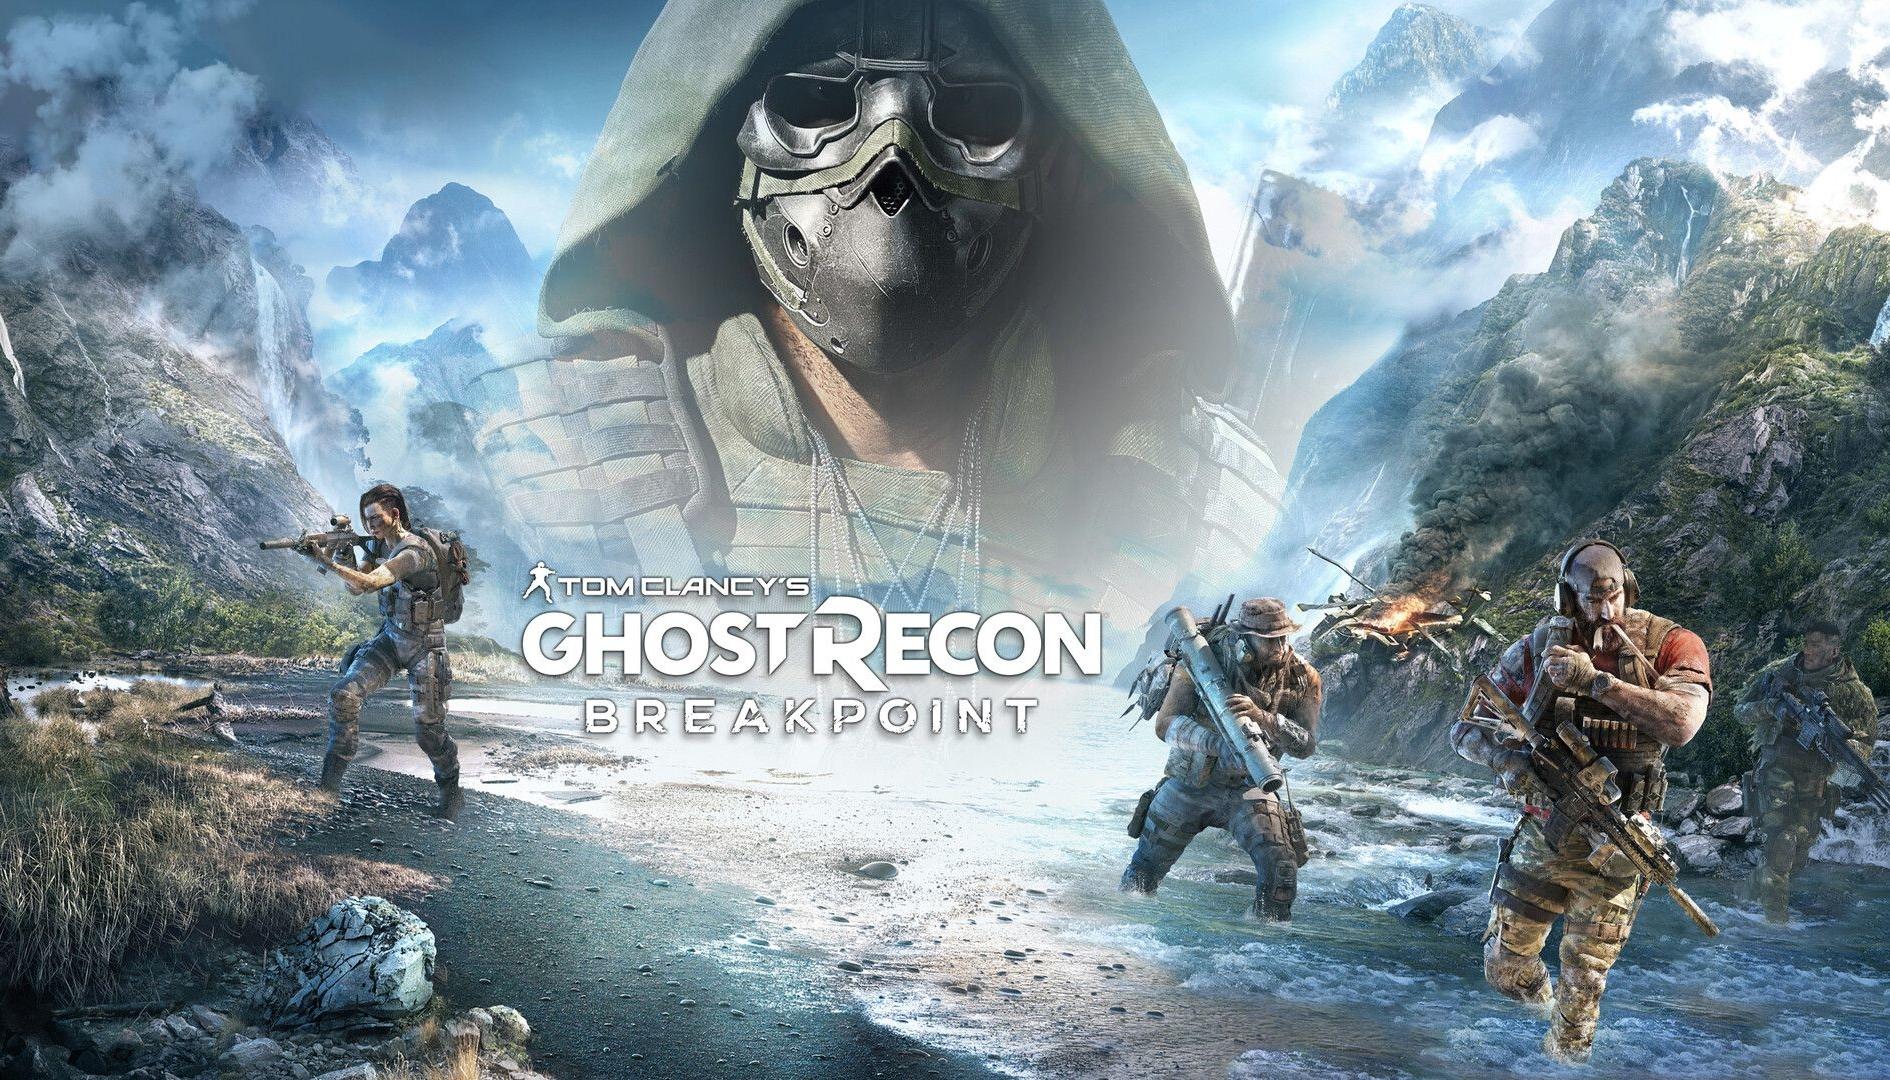 Scopriamo cos'è Ghost Recon Breakpoint nel nuovo trailer